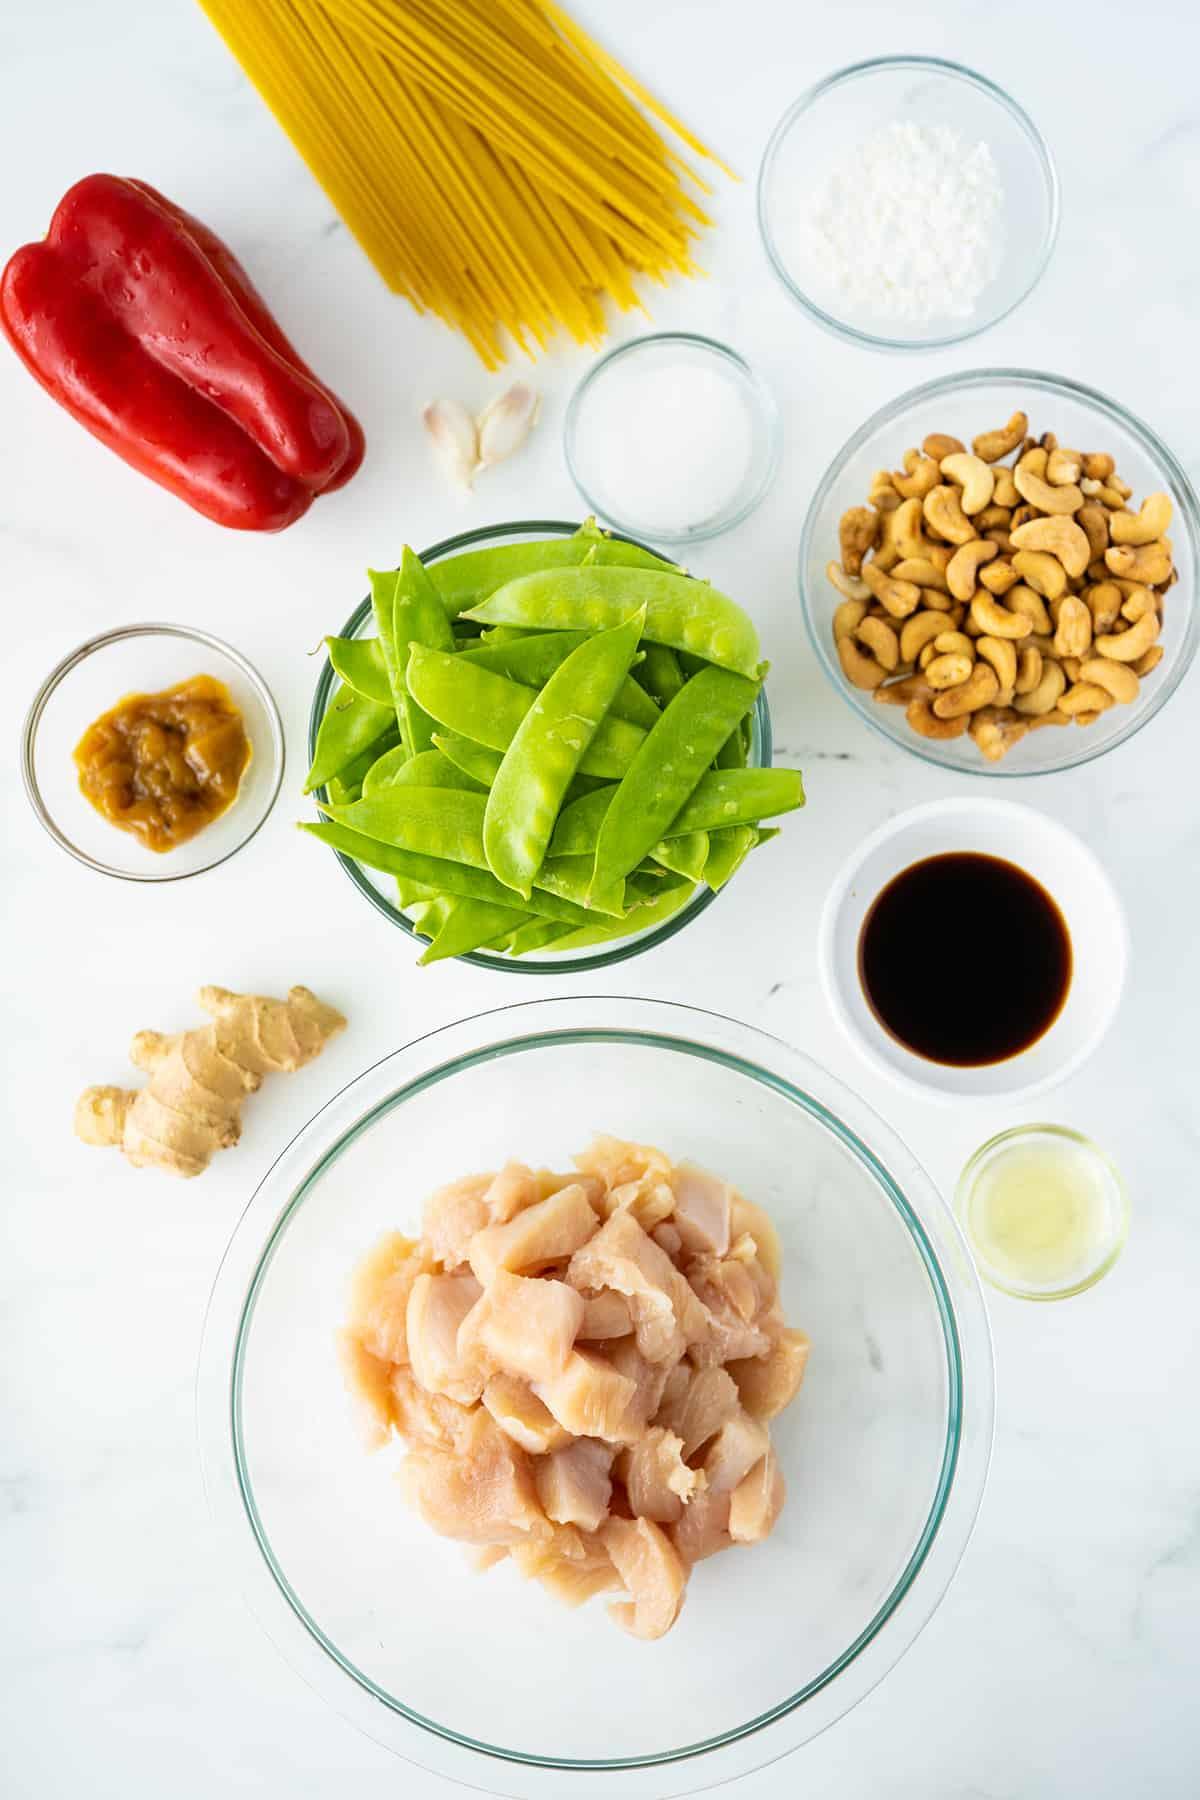 Ingredients for Cashew Chicken Stir Fry